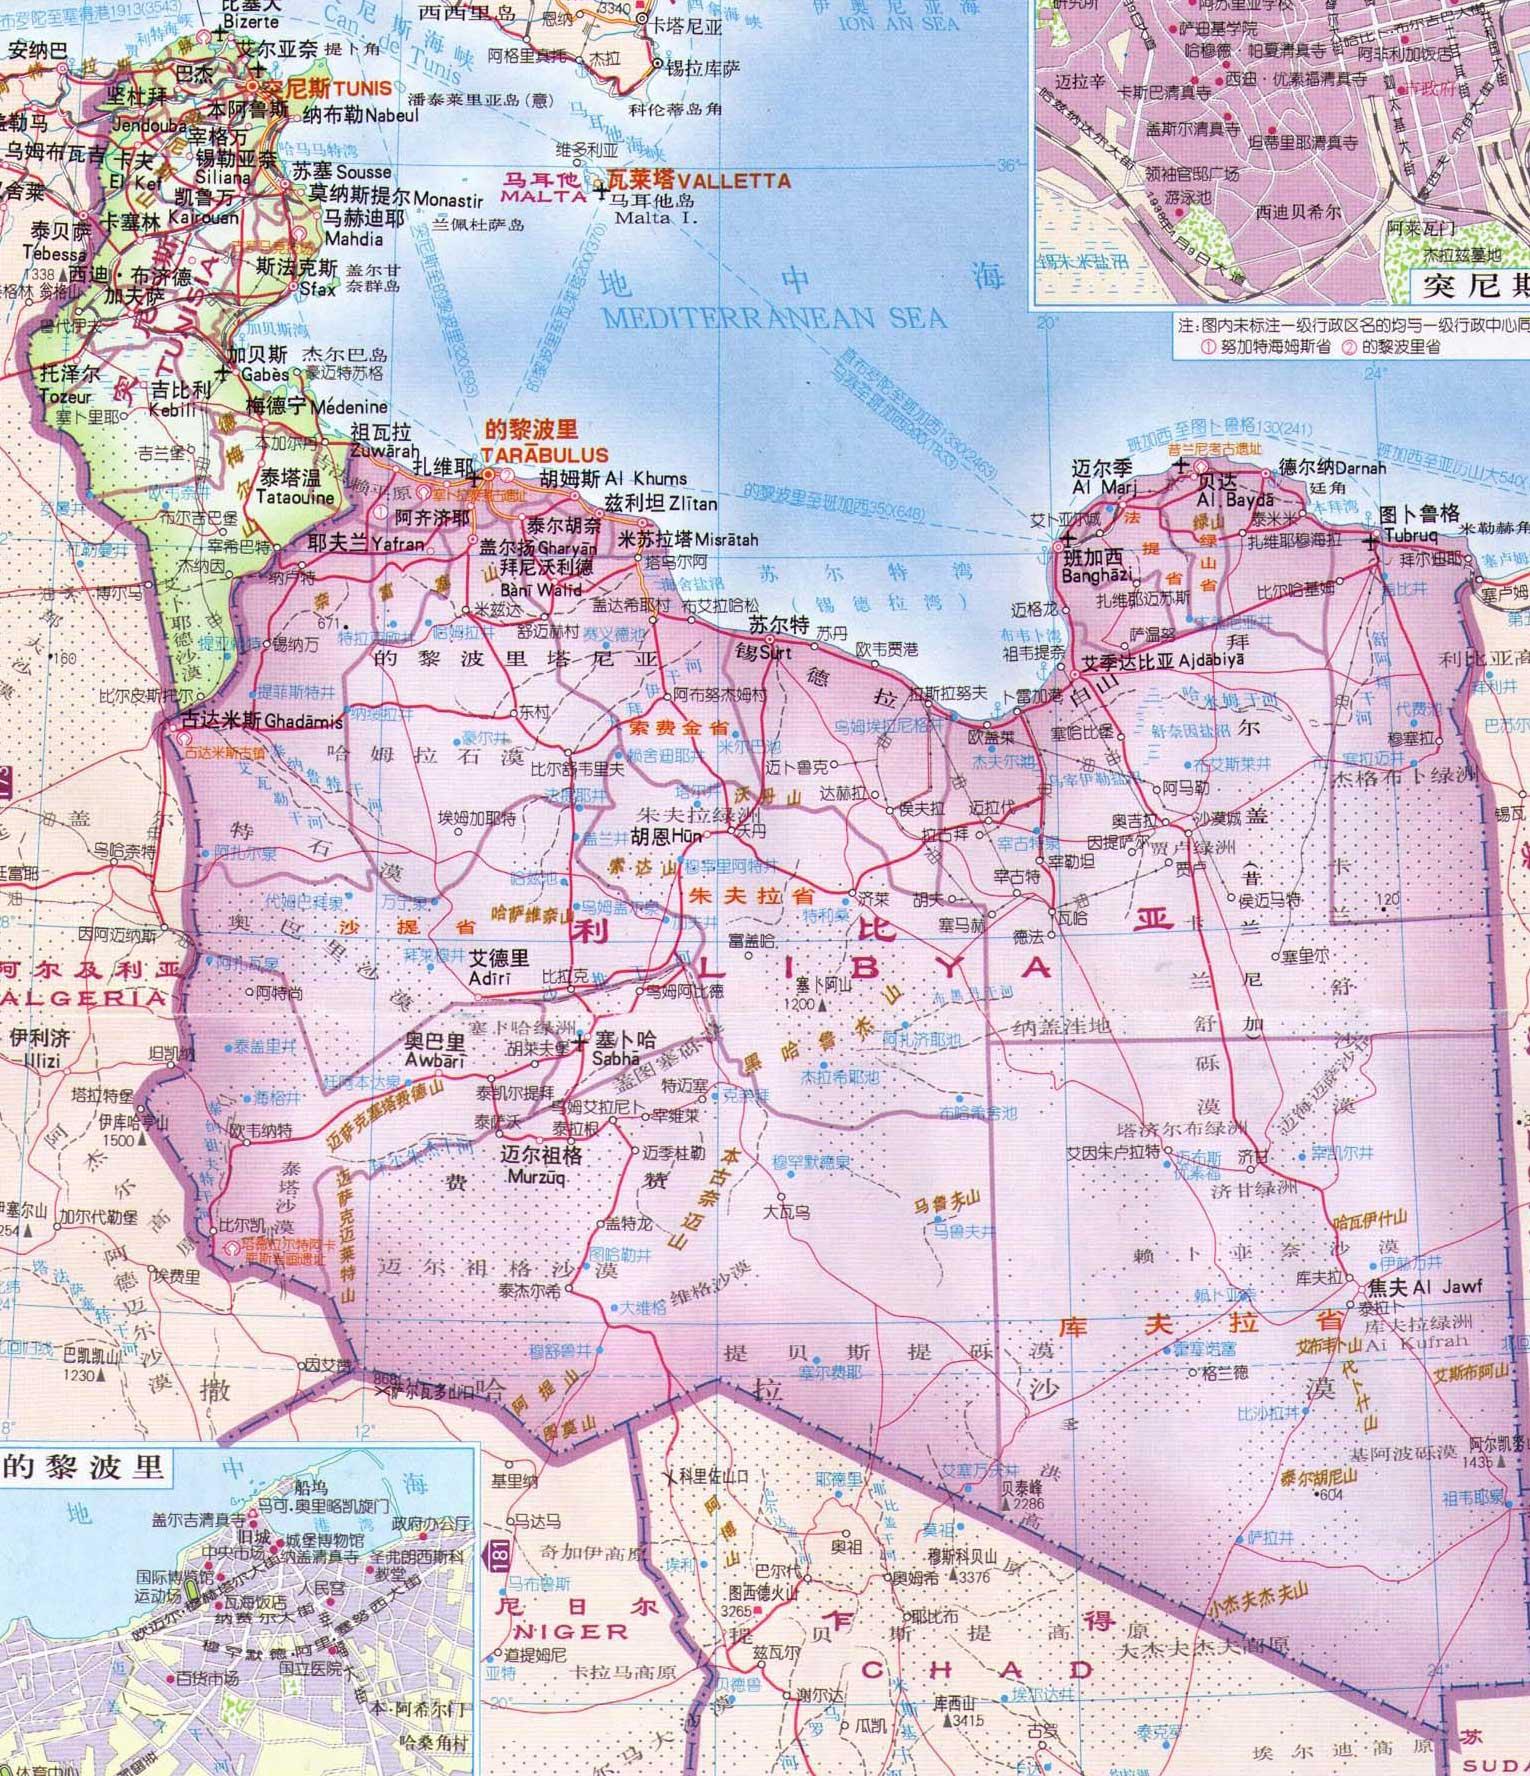 利比亚有哪些文化古迹